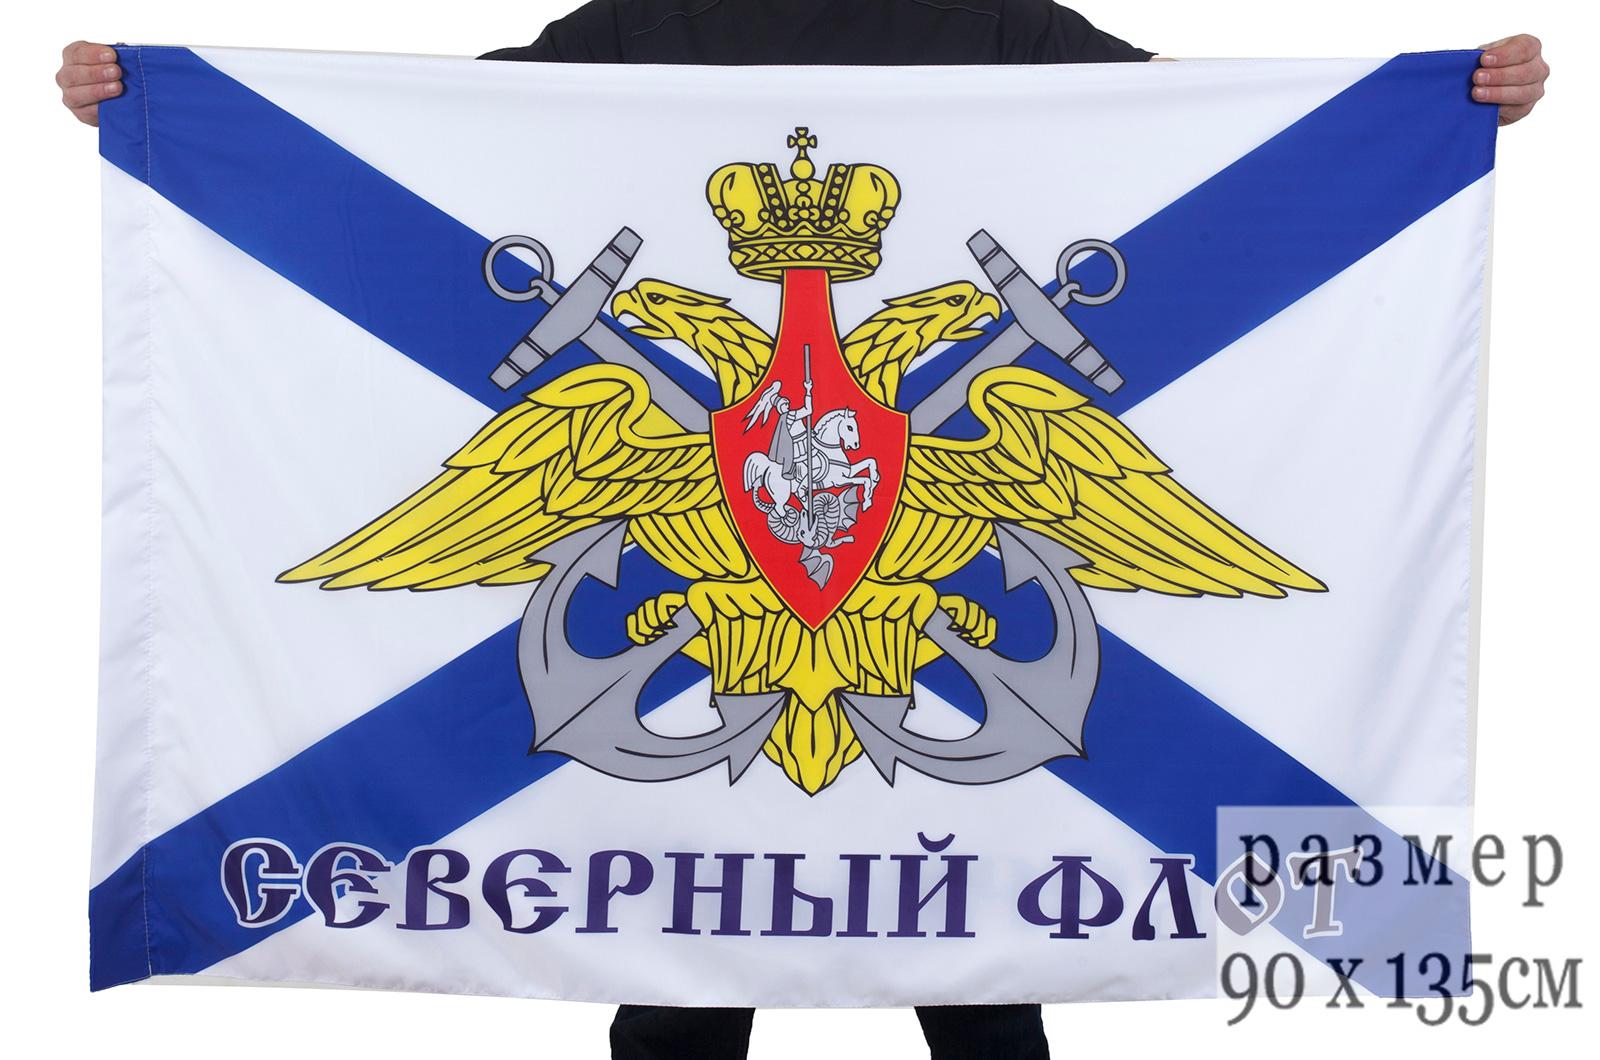 Купить флаг Северный флот